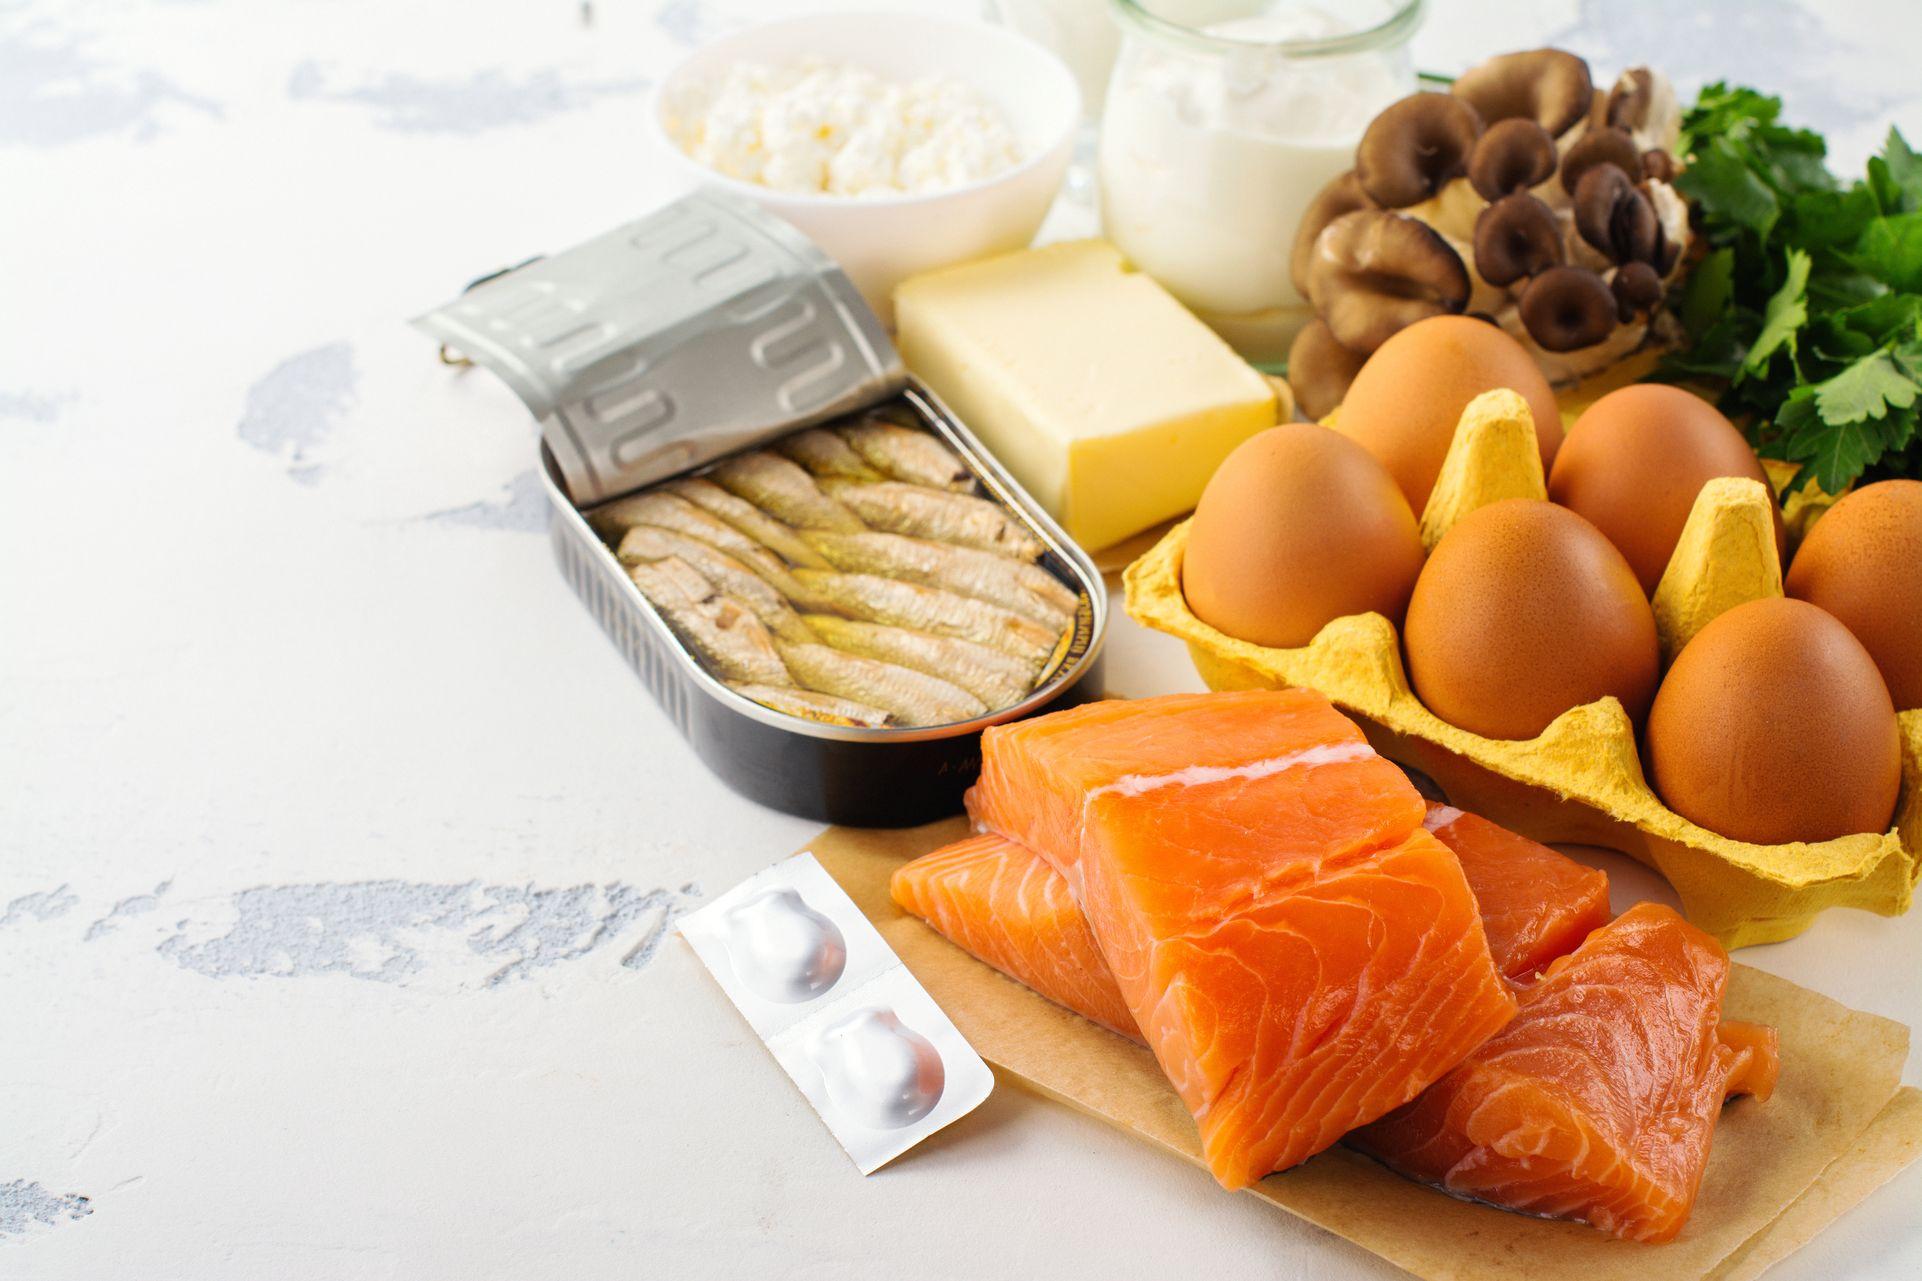 La vitamine D est également présente dans les huiles de foie de poisson, les poissons gras, les jaunes d'œufs et le foie.